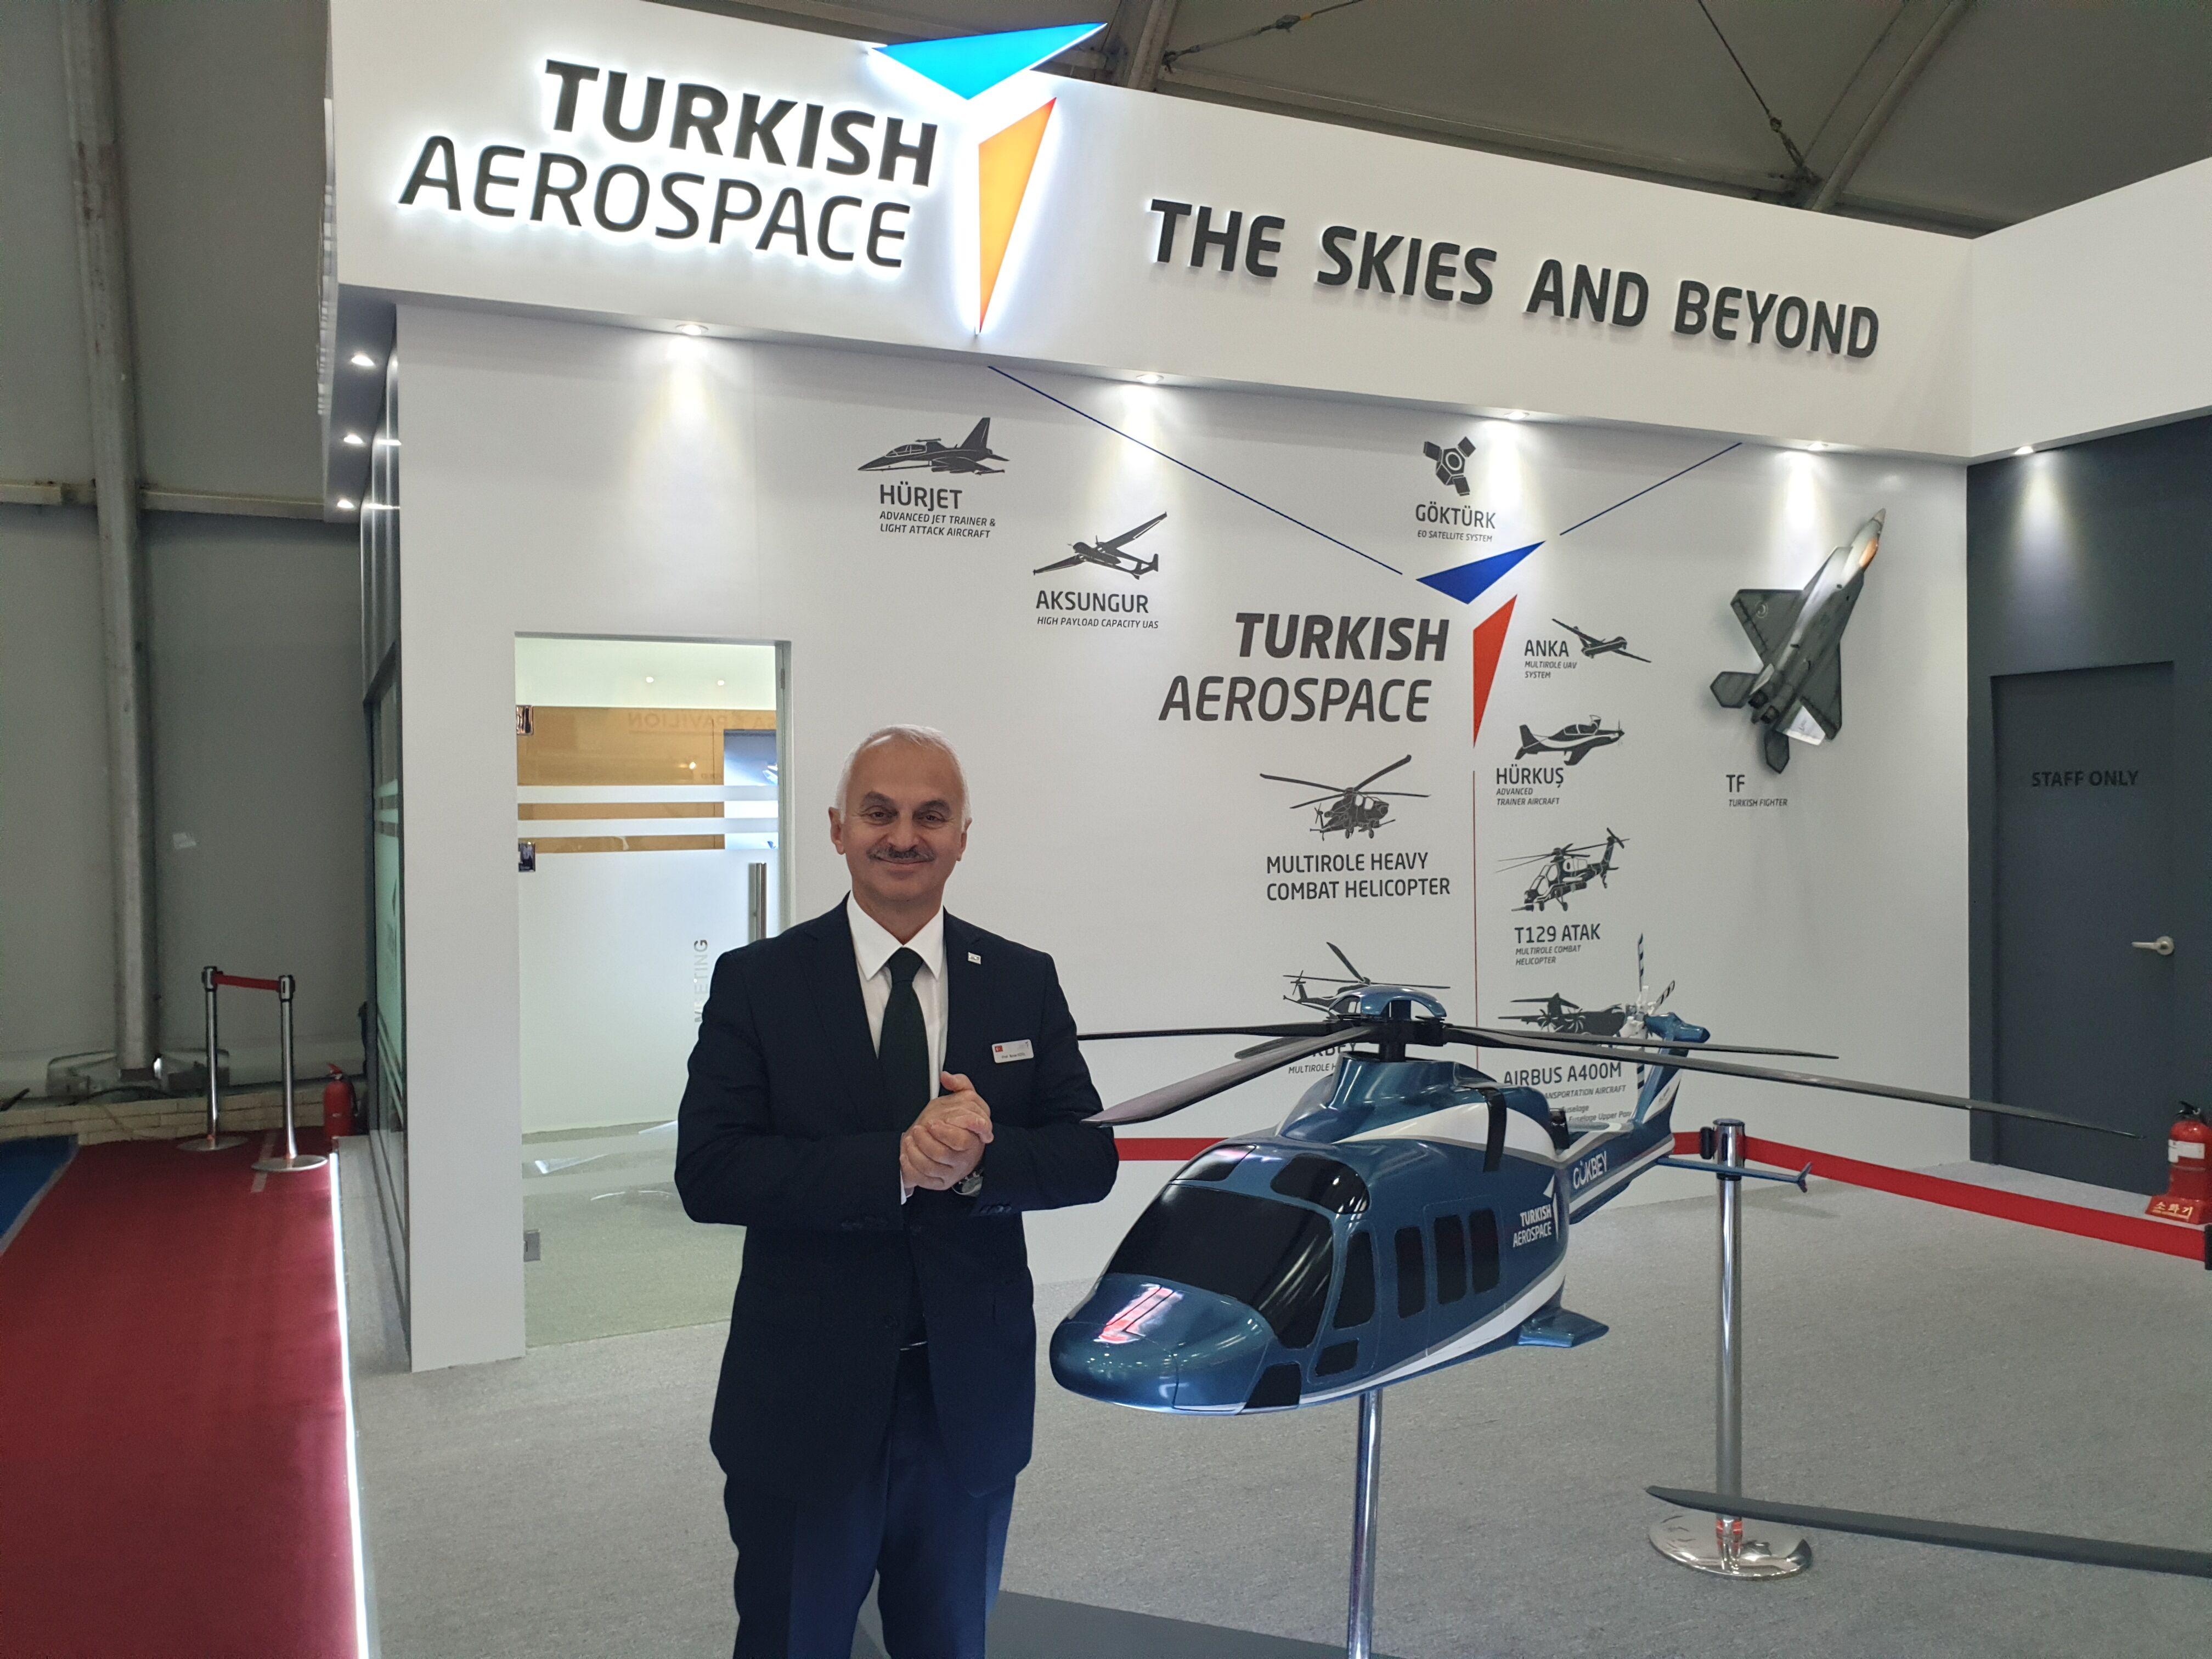 T129 ATAK ve ATAK-II Helikopterlerinin ardından T629 Taarruz Helikopteri Geliyor!